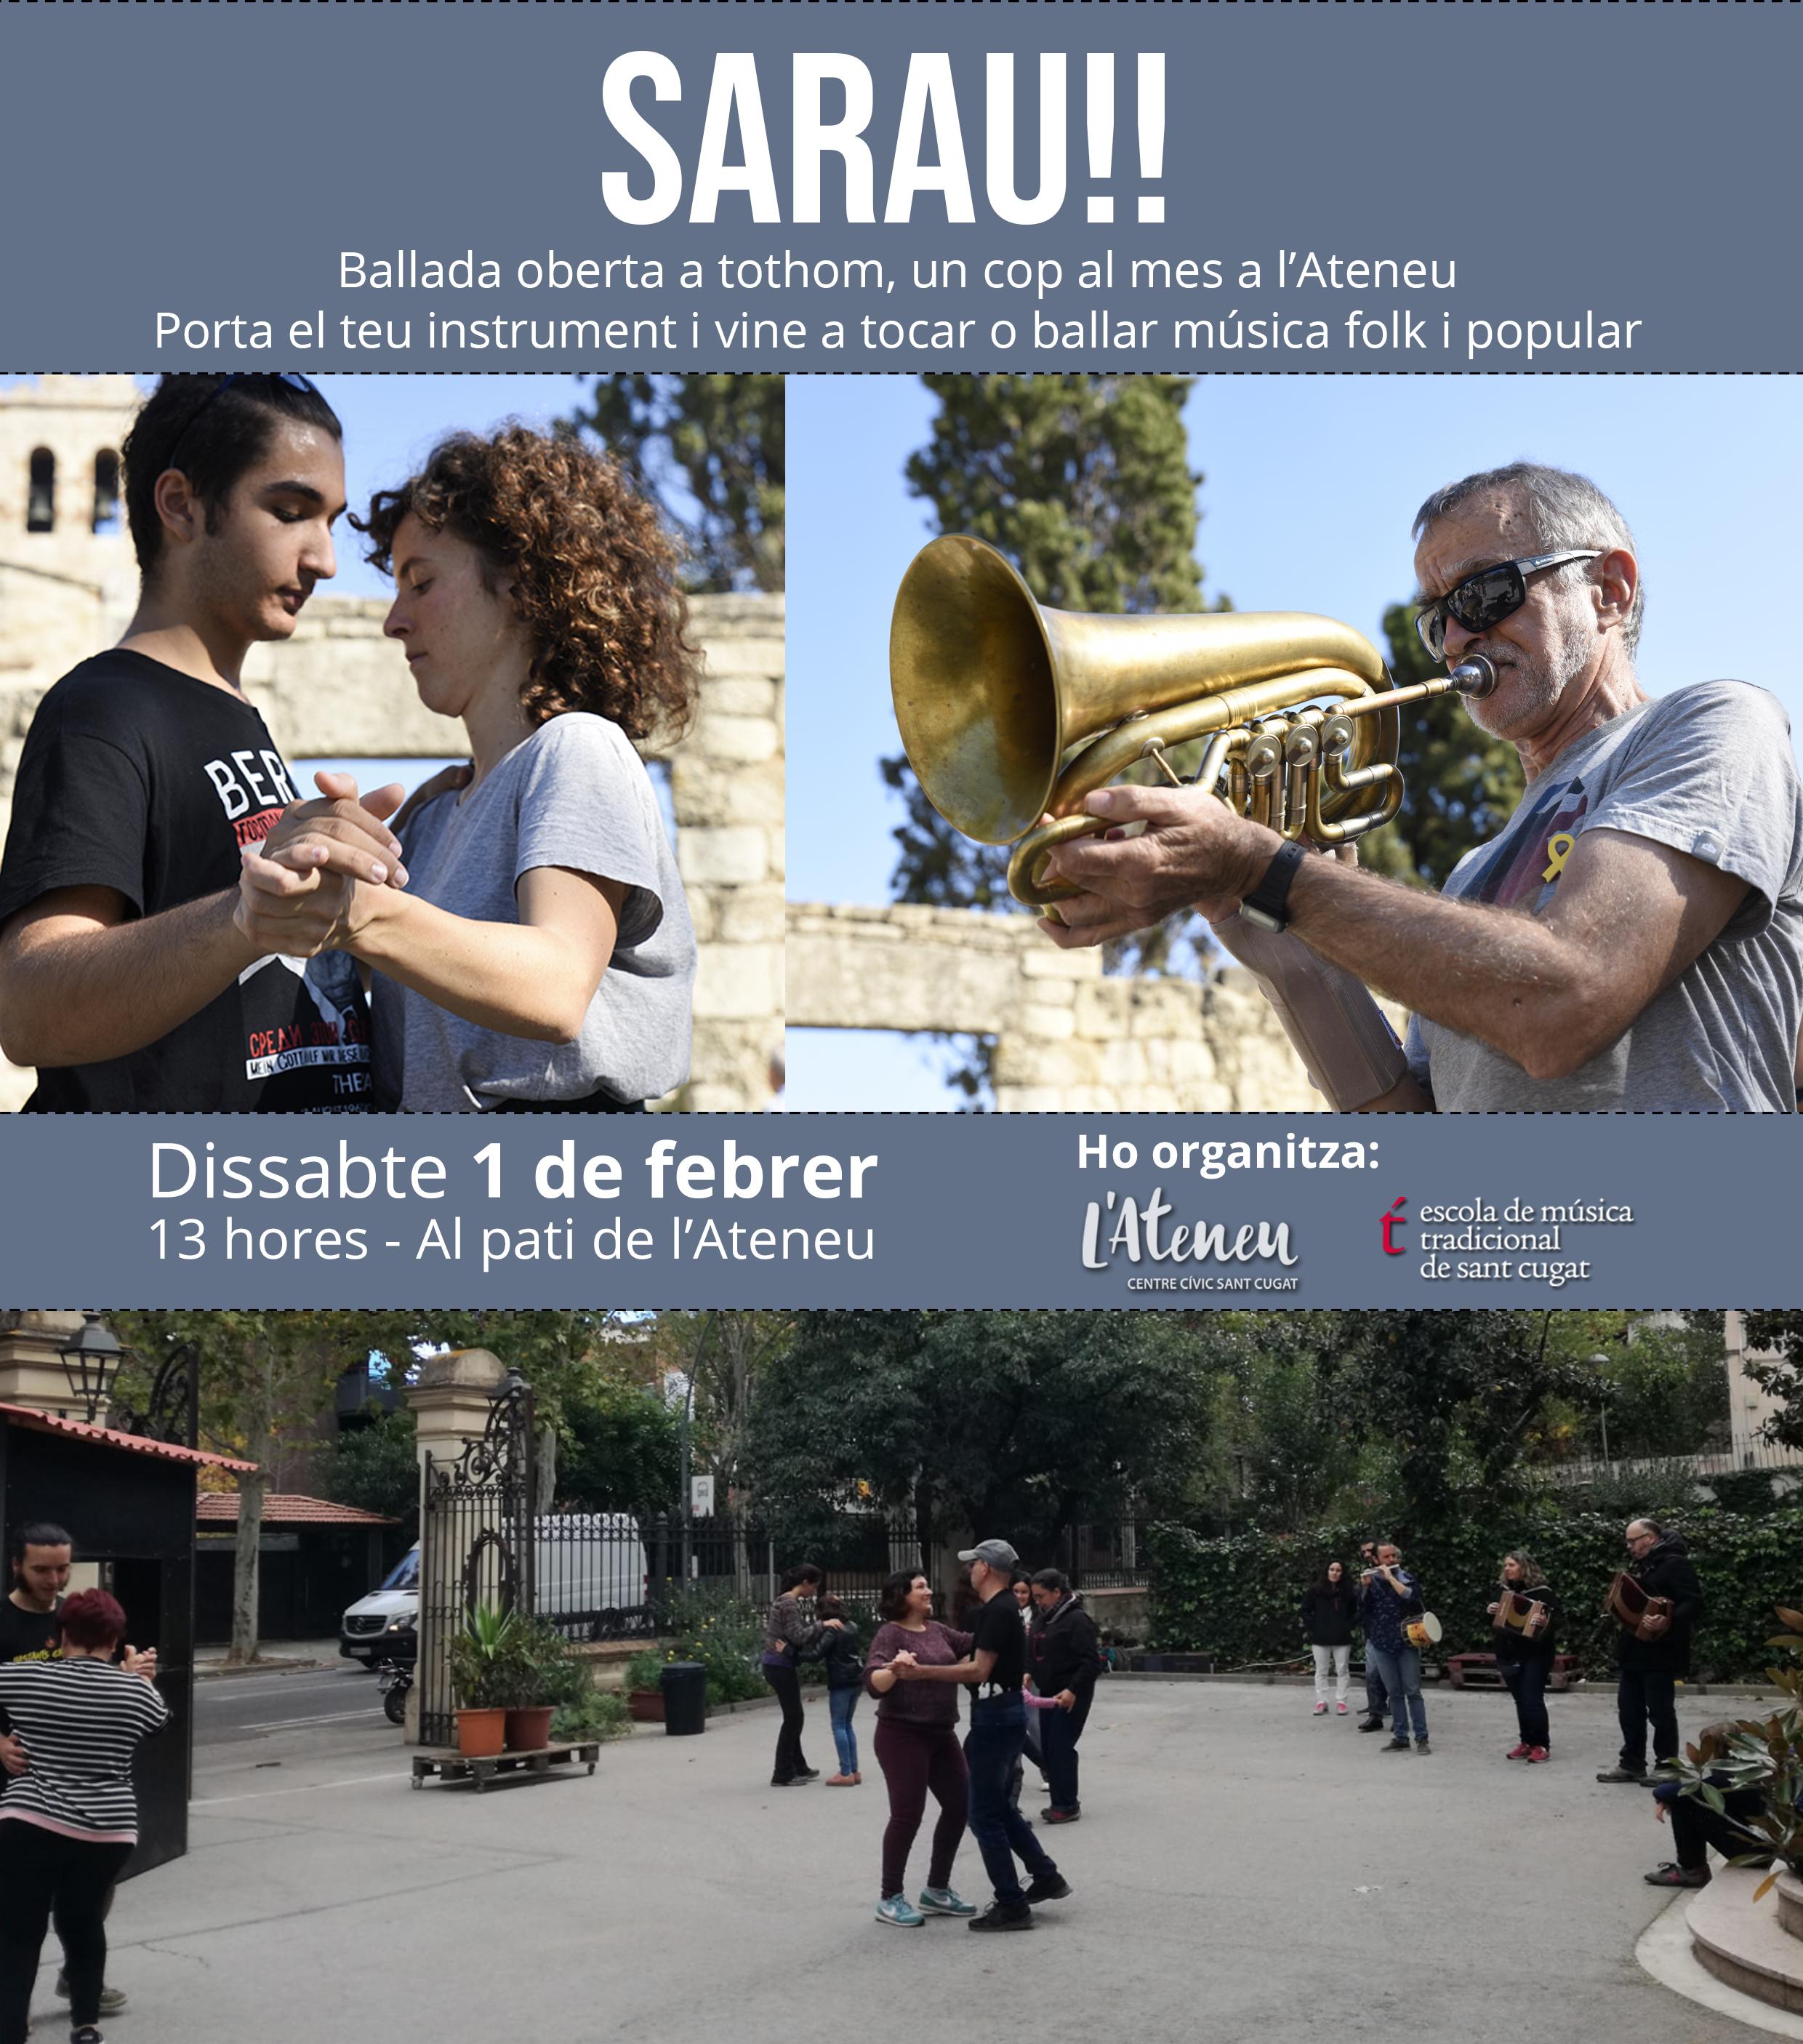 200201-Sarau